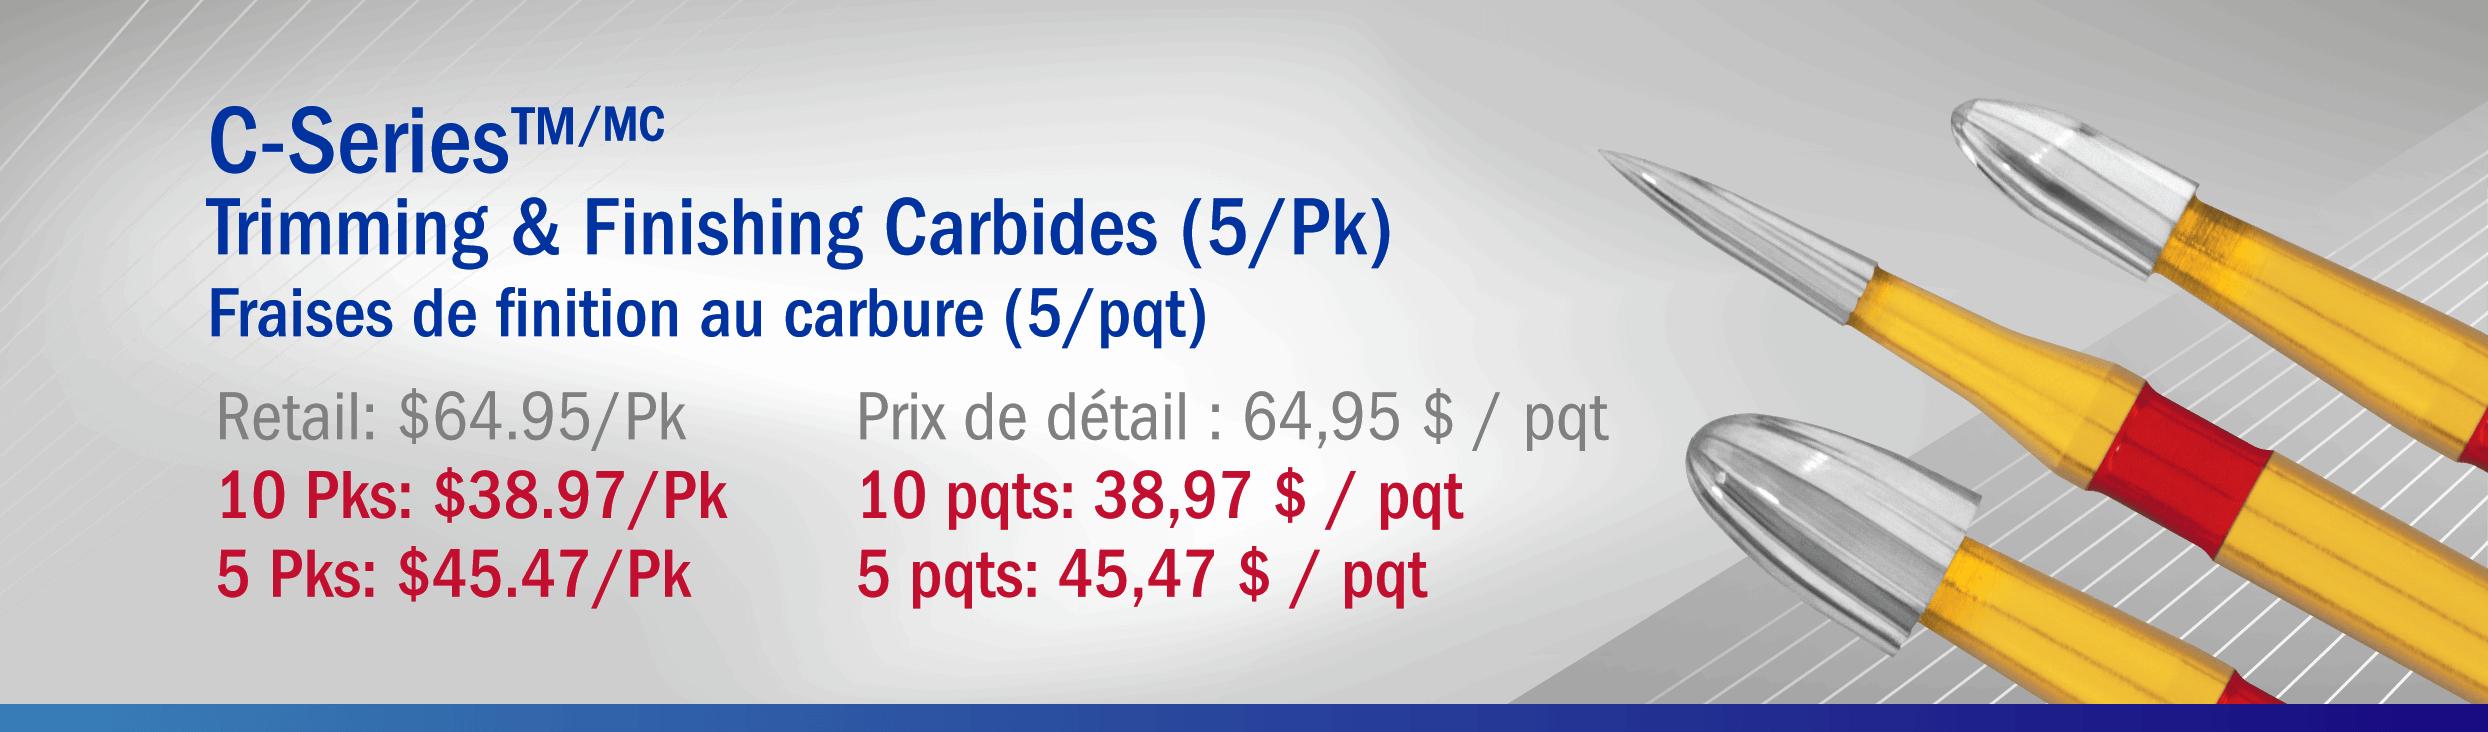 Buy 10 Packs: $38.97/Pk Buy 5 Packs: $45.47/Pk